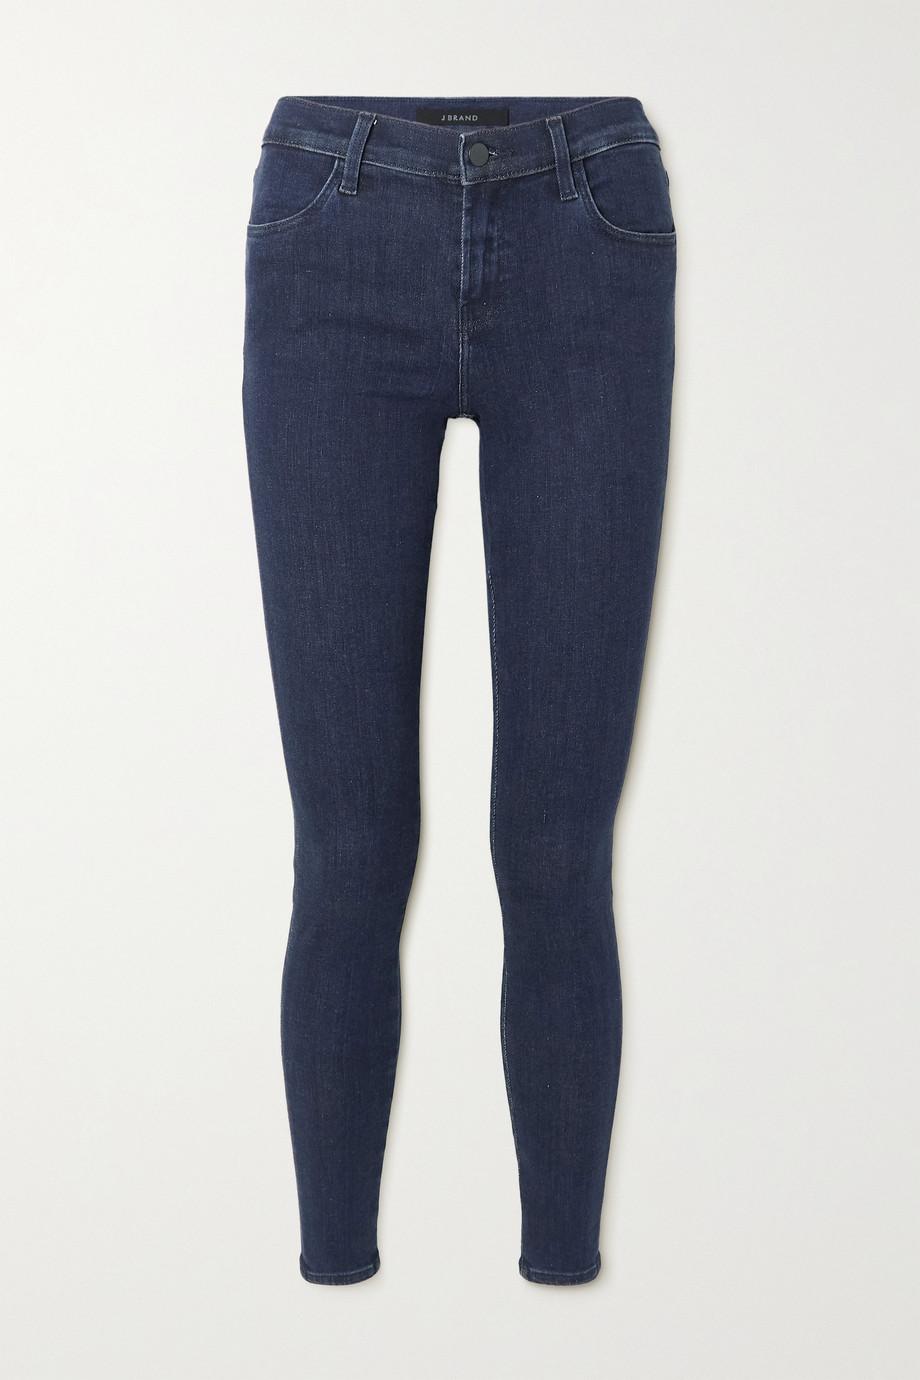 J Brand Sophia mid-rise skinny stretch-denim jeans